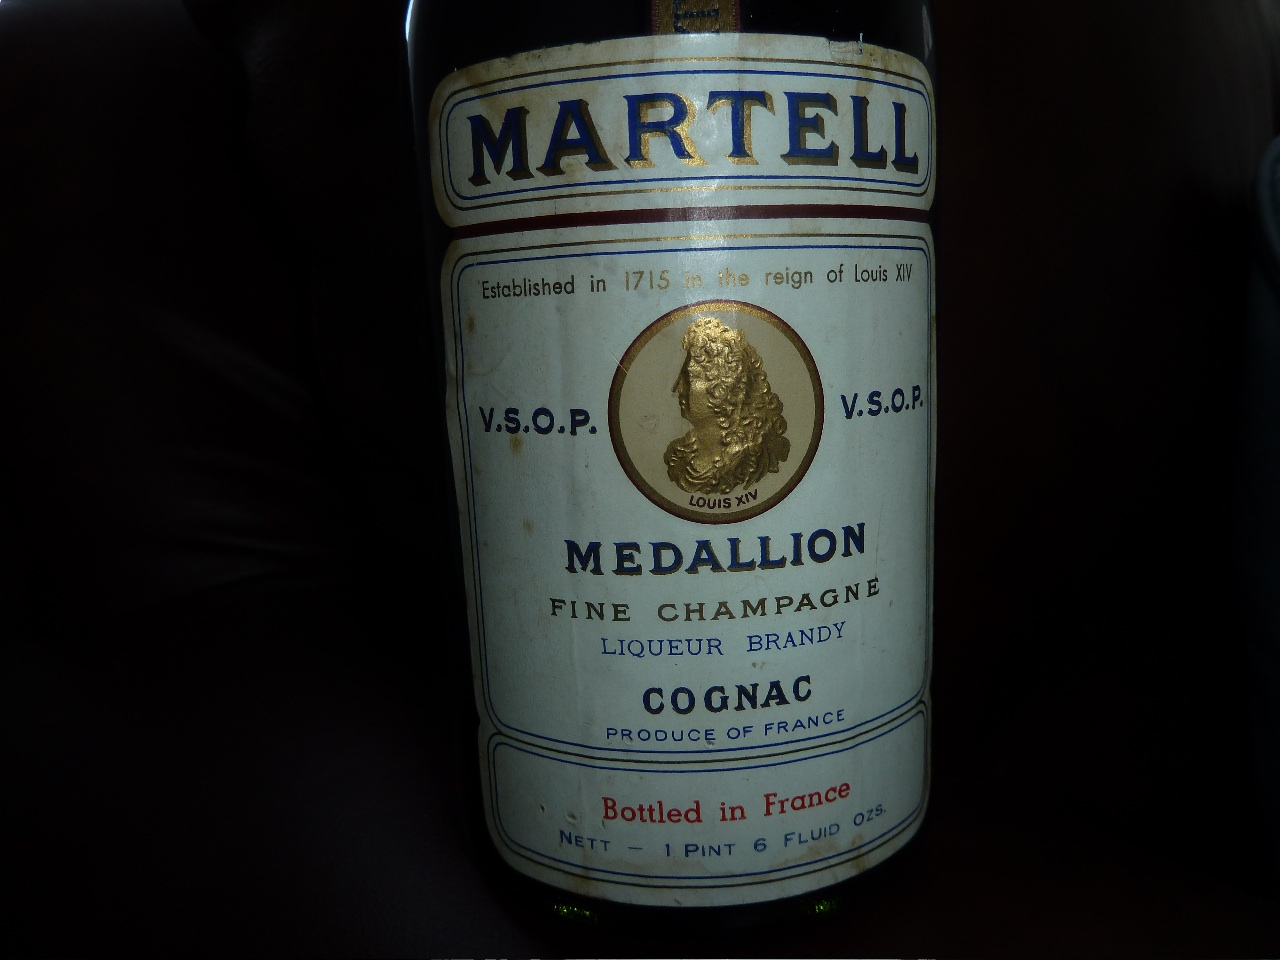 label Martell Medallion